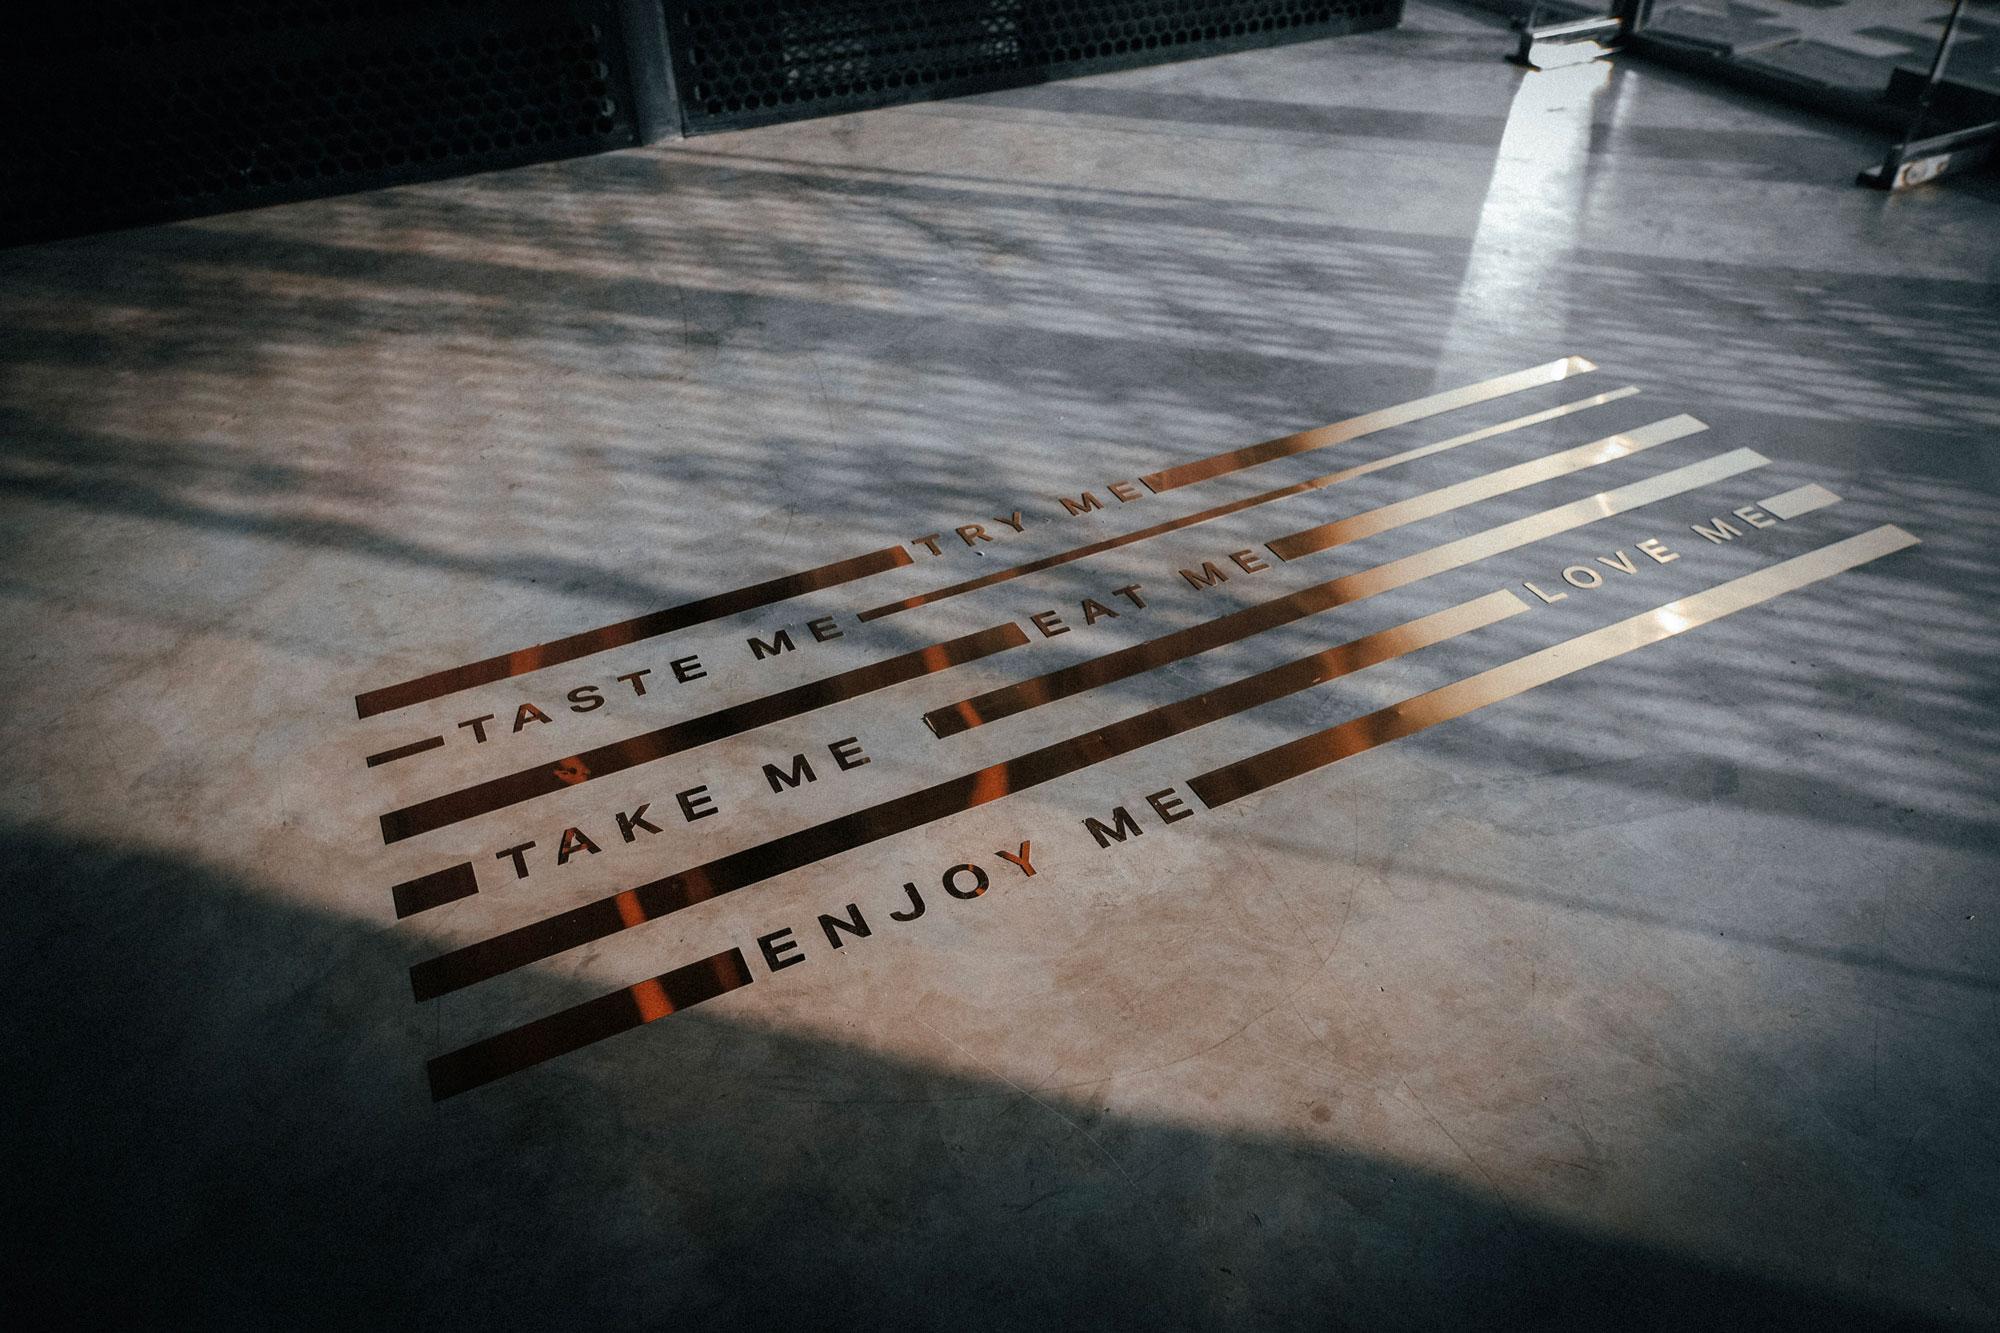 Tasteme-Branding-by-YaStudio-21